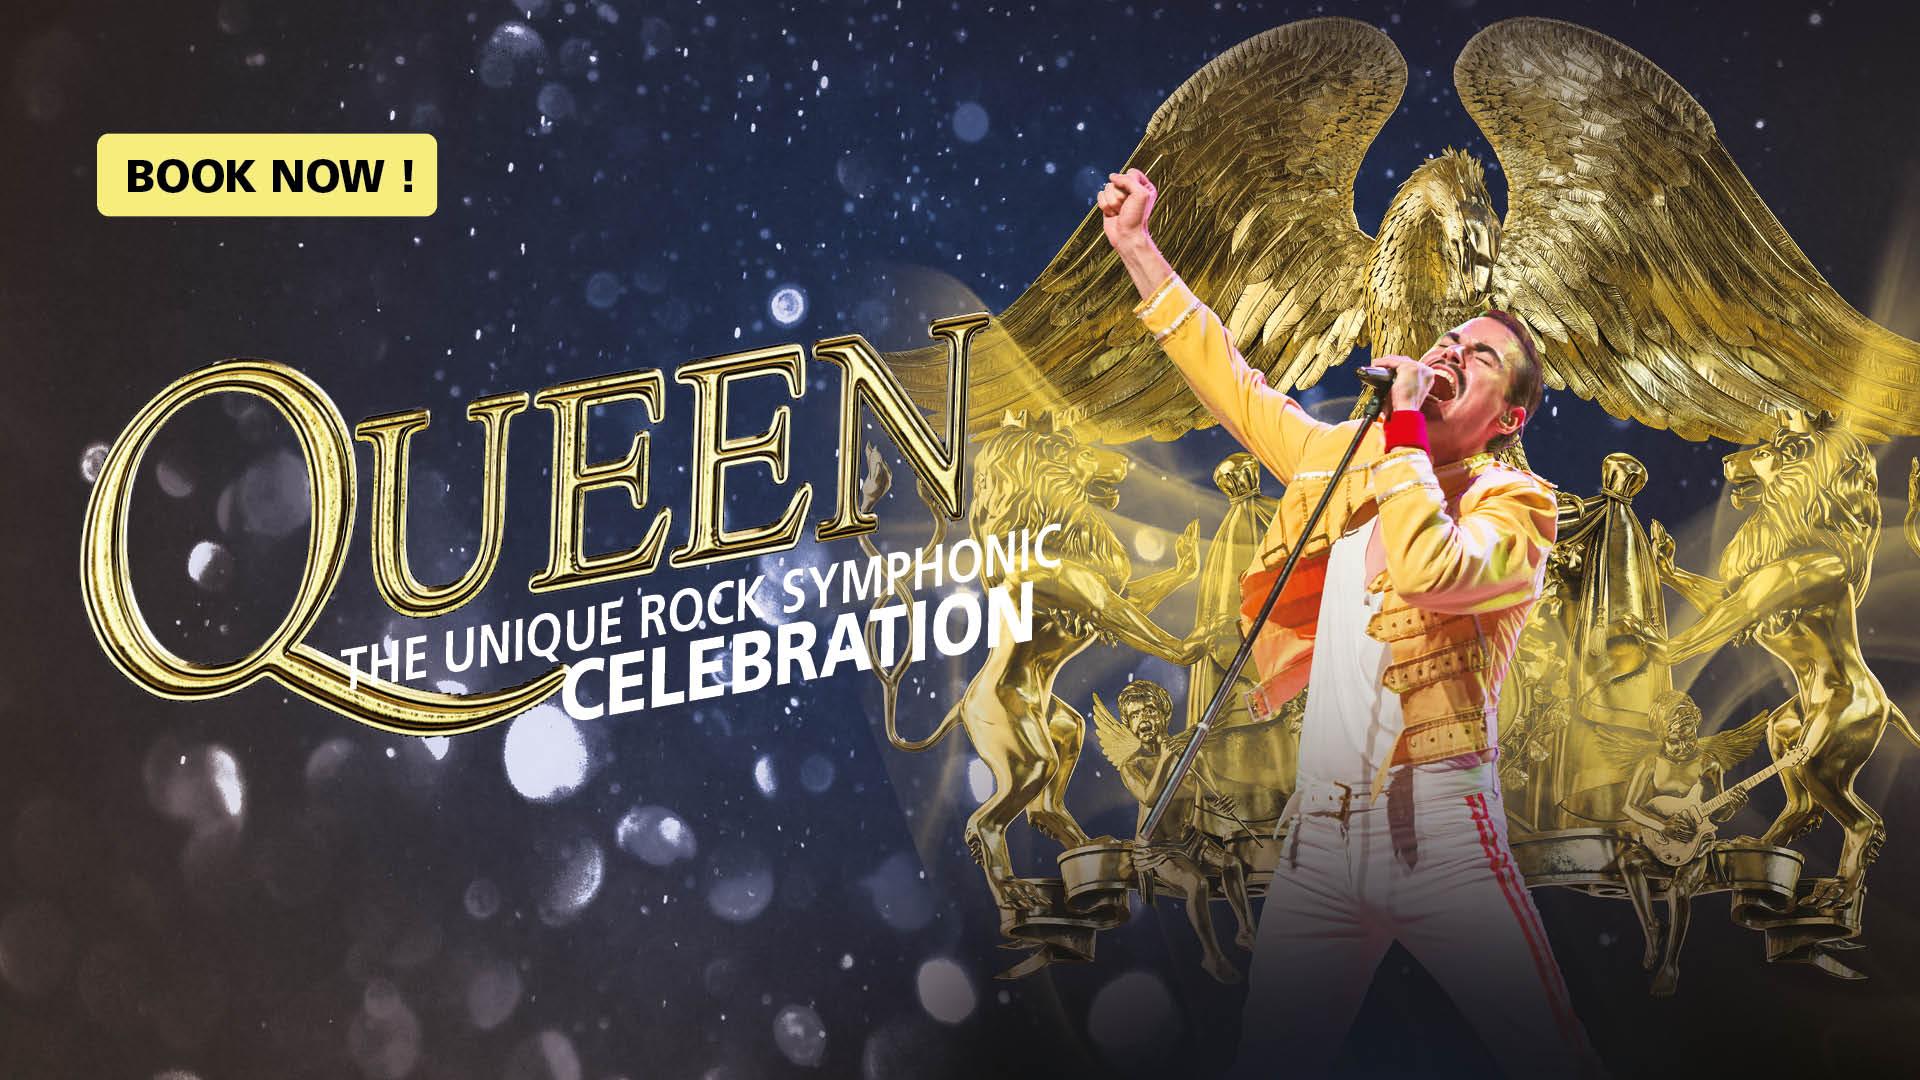 Queen, The unique rock symphonic, celebration